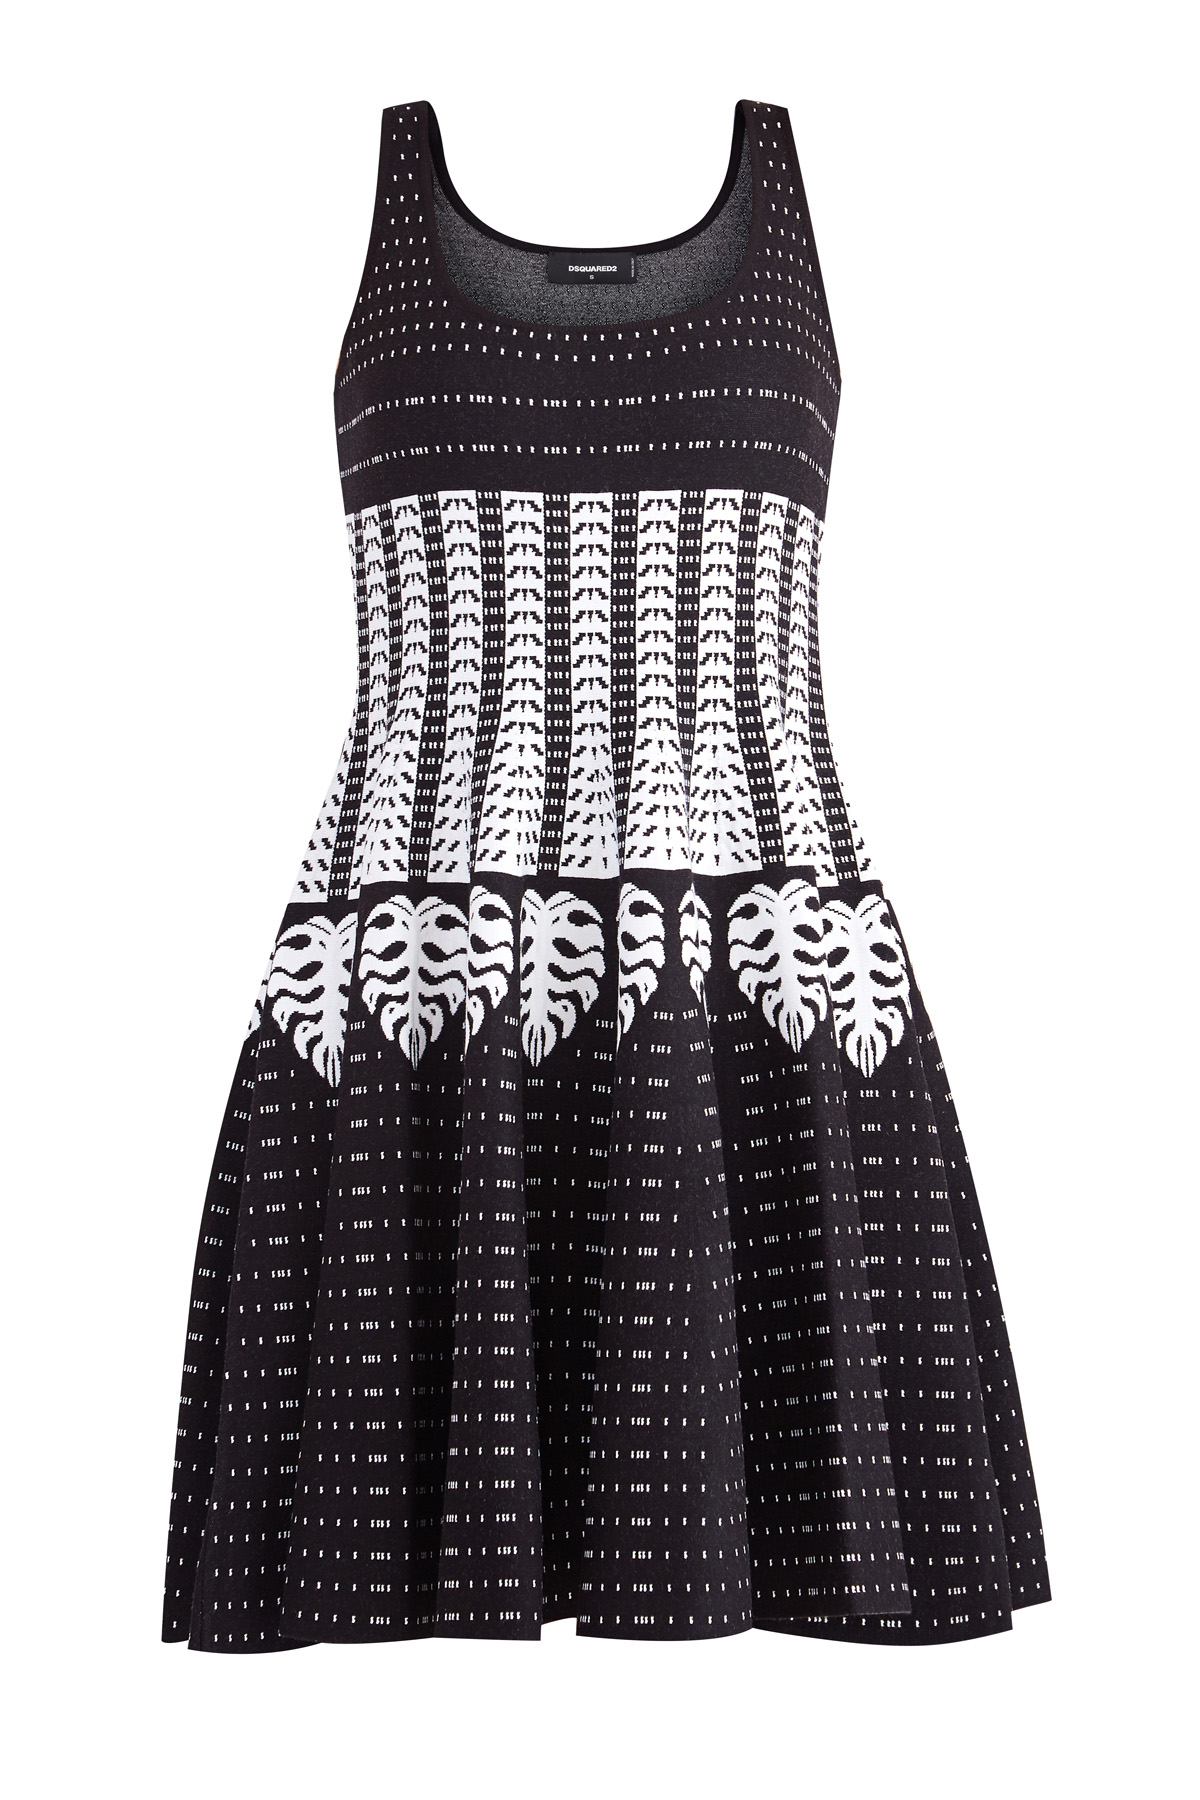 Купить Платье, DSQUARED2, Италия, вискоза 70%, полиэстер 30%